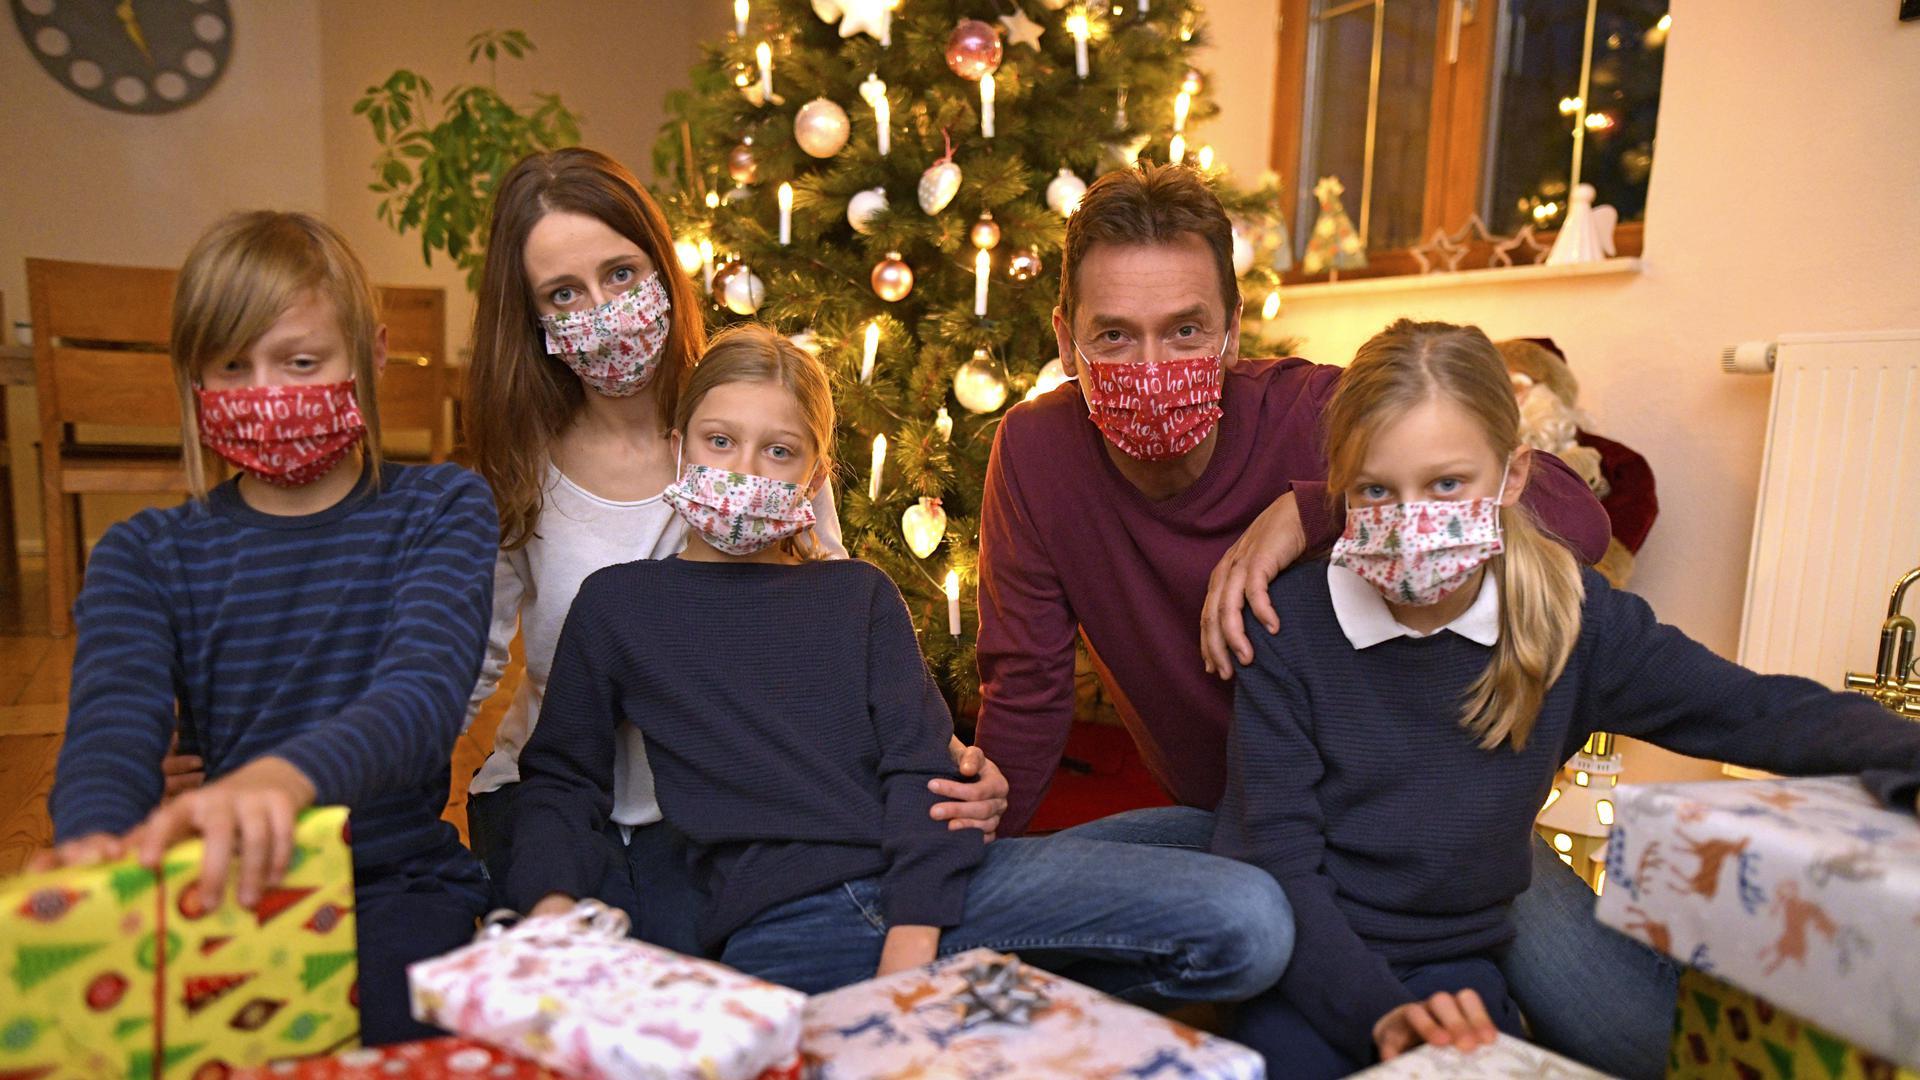 Eine Familie im Allgäu sitzt mit Mund-Nasenschutz-Masken am Heiligen Abend vor dem Weihnachtsbaum im Wohnzimmer, Kontaktverbote und Ausgangsbeschränkungen machen der Bevölkerung zur Corona-Zeit das Leben schwer, die gewohnten Treffen unter den Familien sind dieses Jahr wegen der Pandemiebeschränkungen nur eingeschränkt möglich.